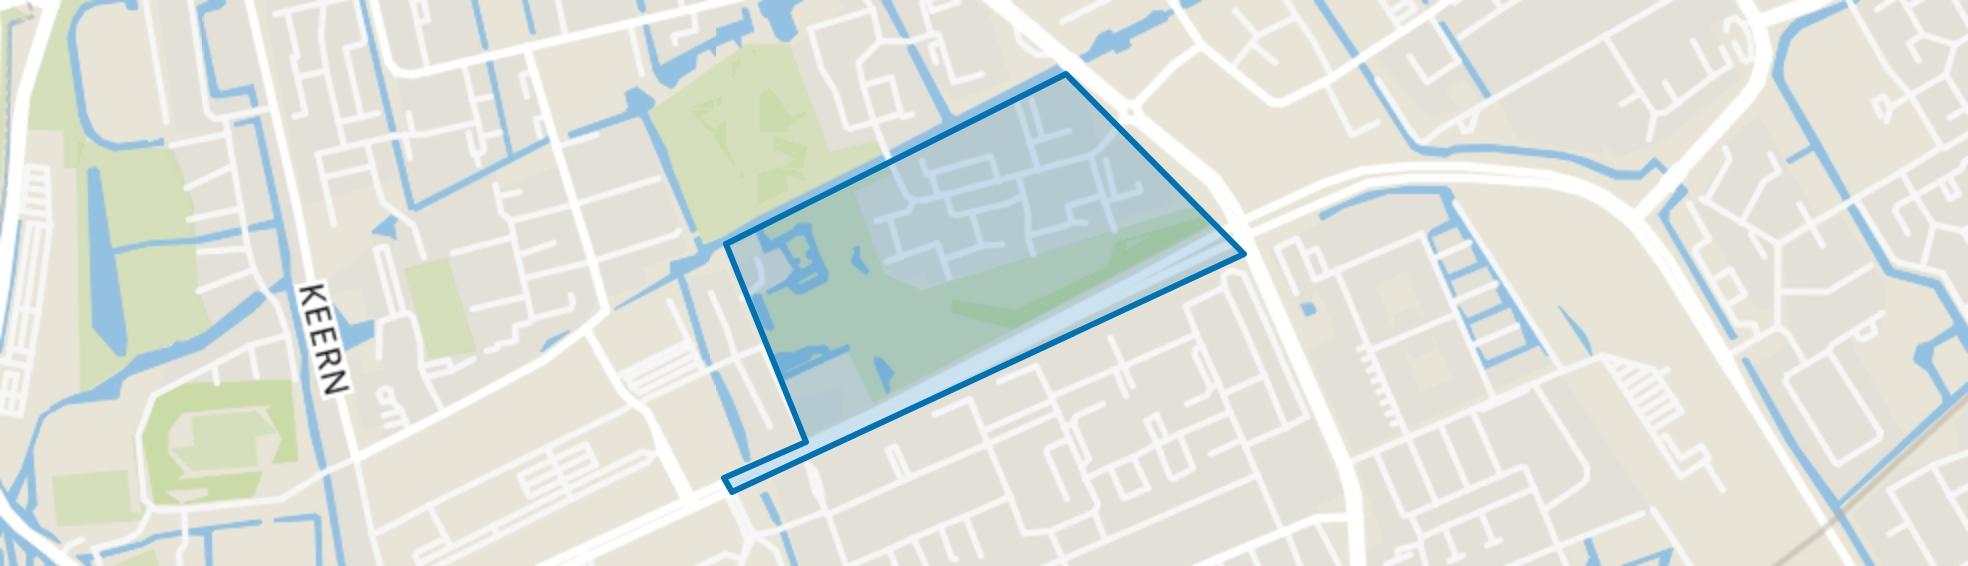 Risdam-Zuid - Buurt 20 00, Hoorn (NH) map